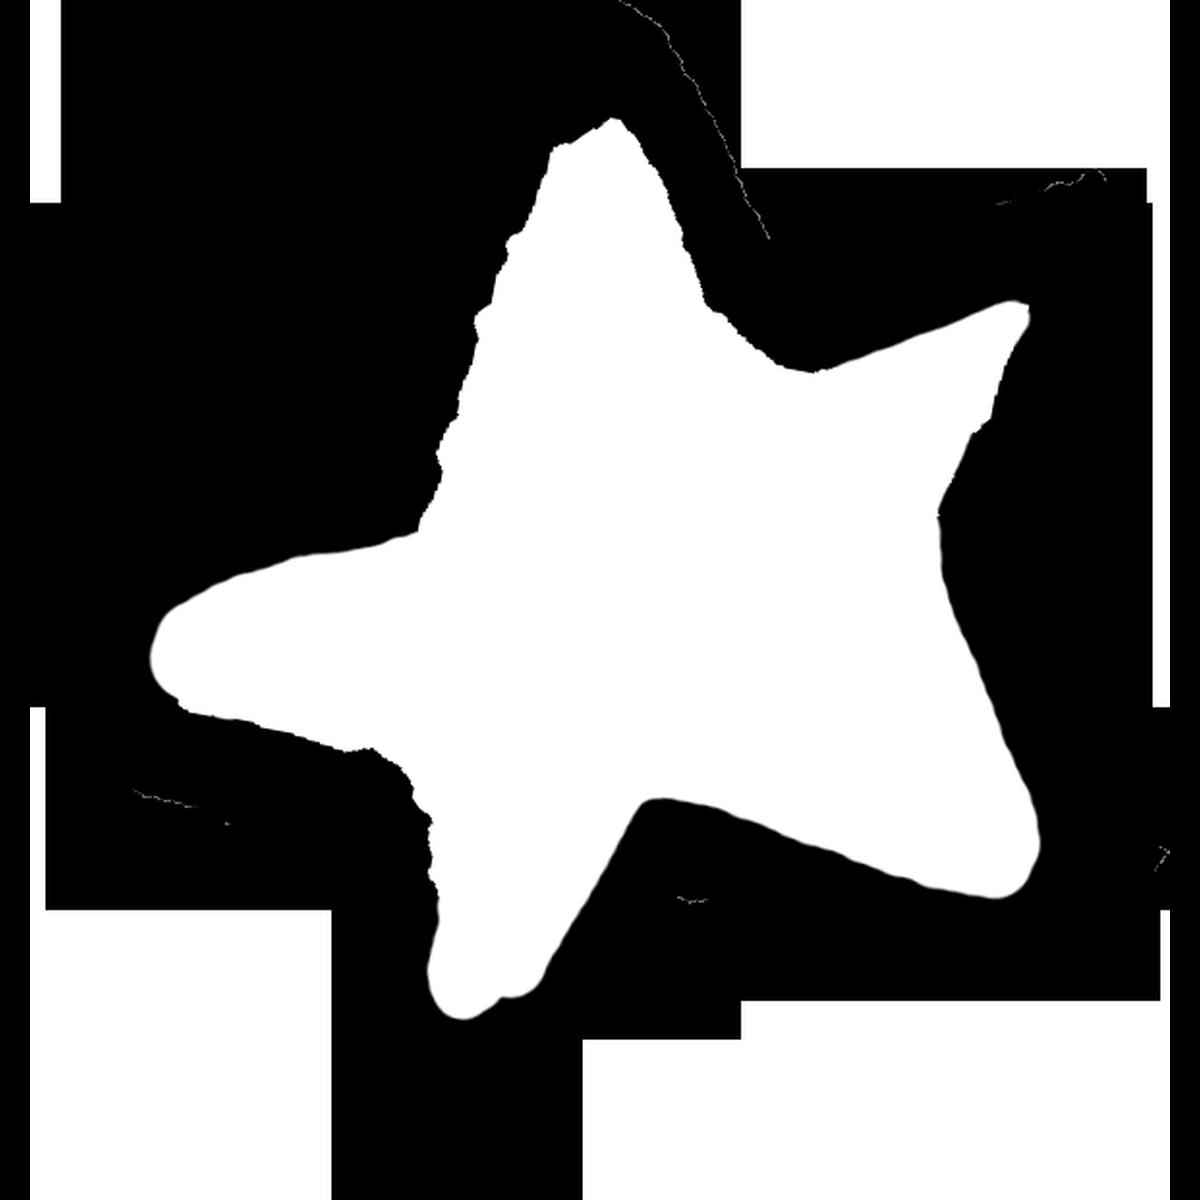 星印(白)4のイラスト Star mark Illust